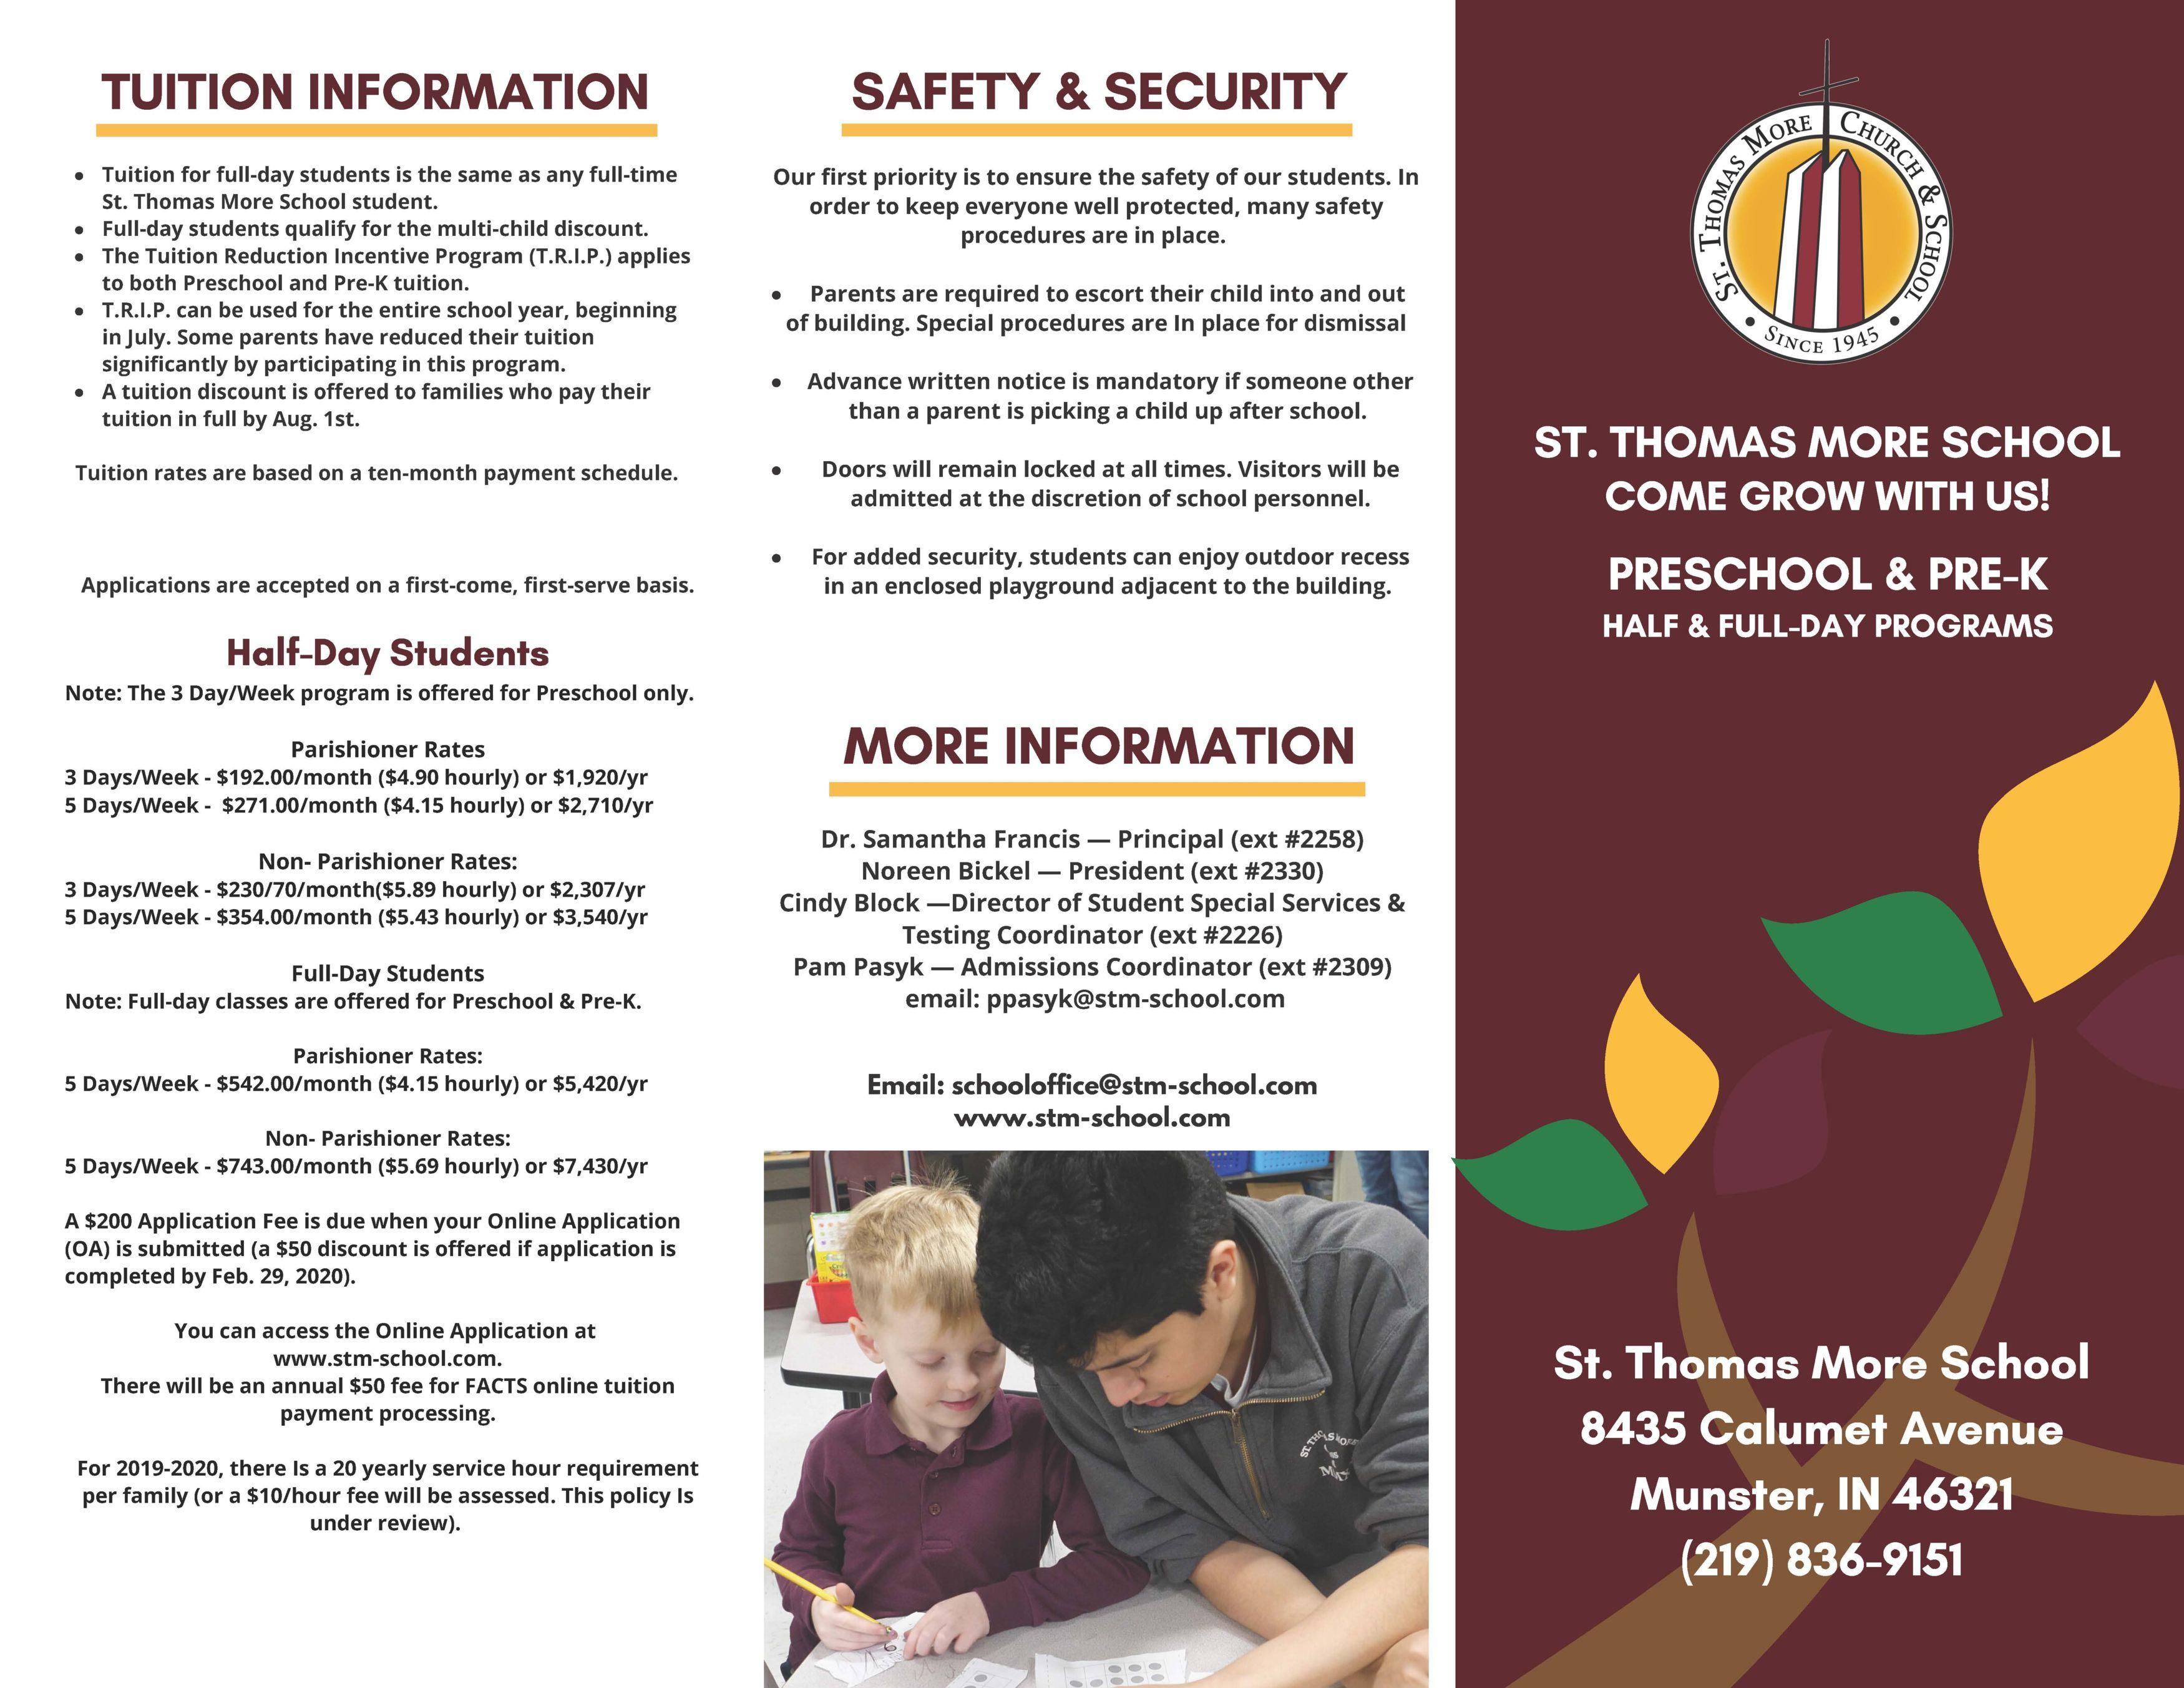 Preschool and Pre-K Brochure Page 1